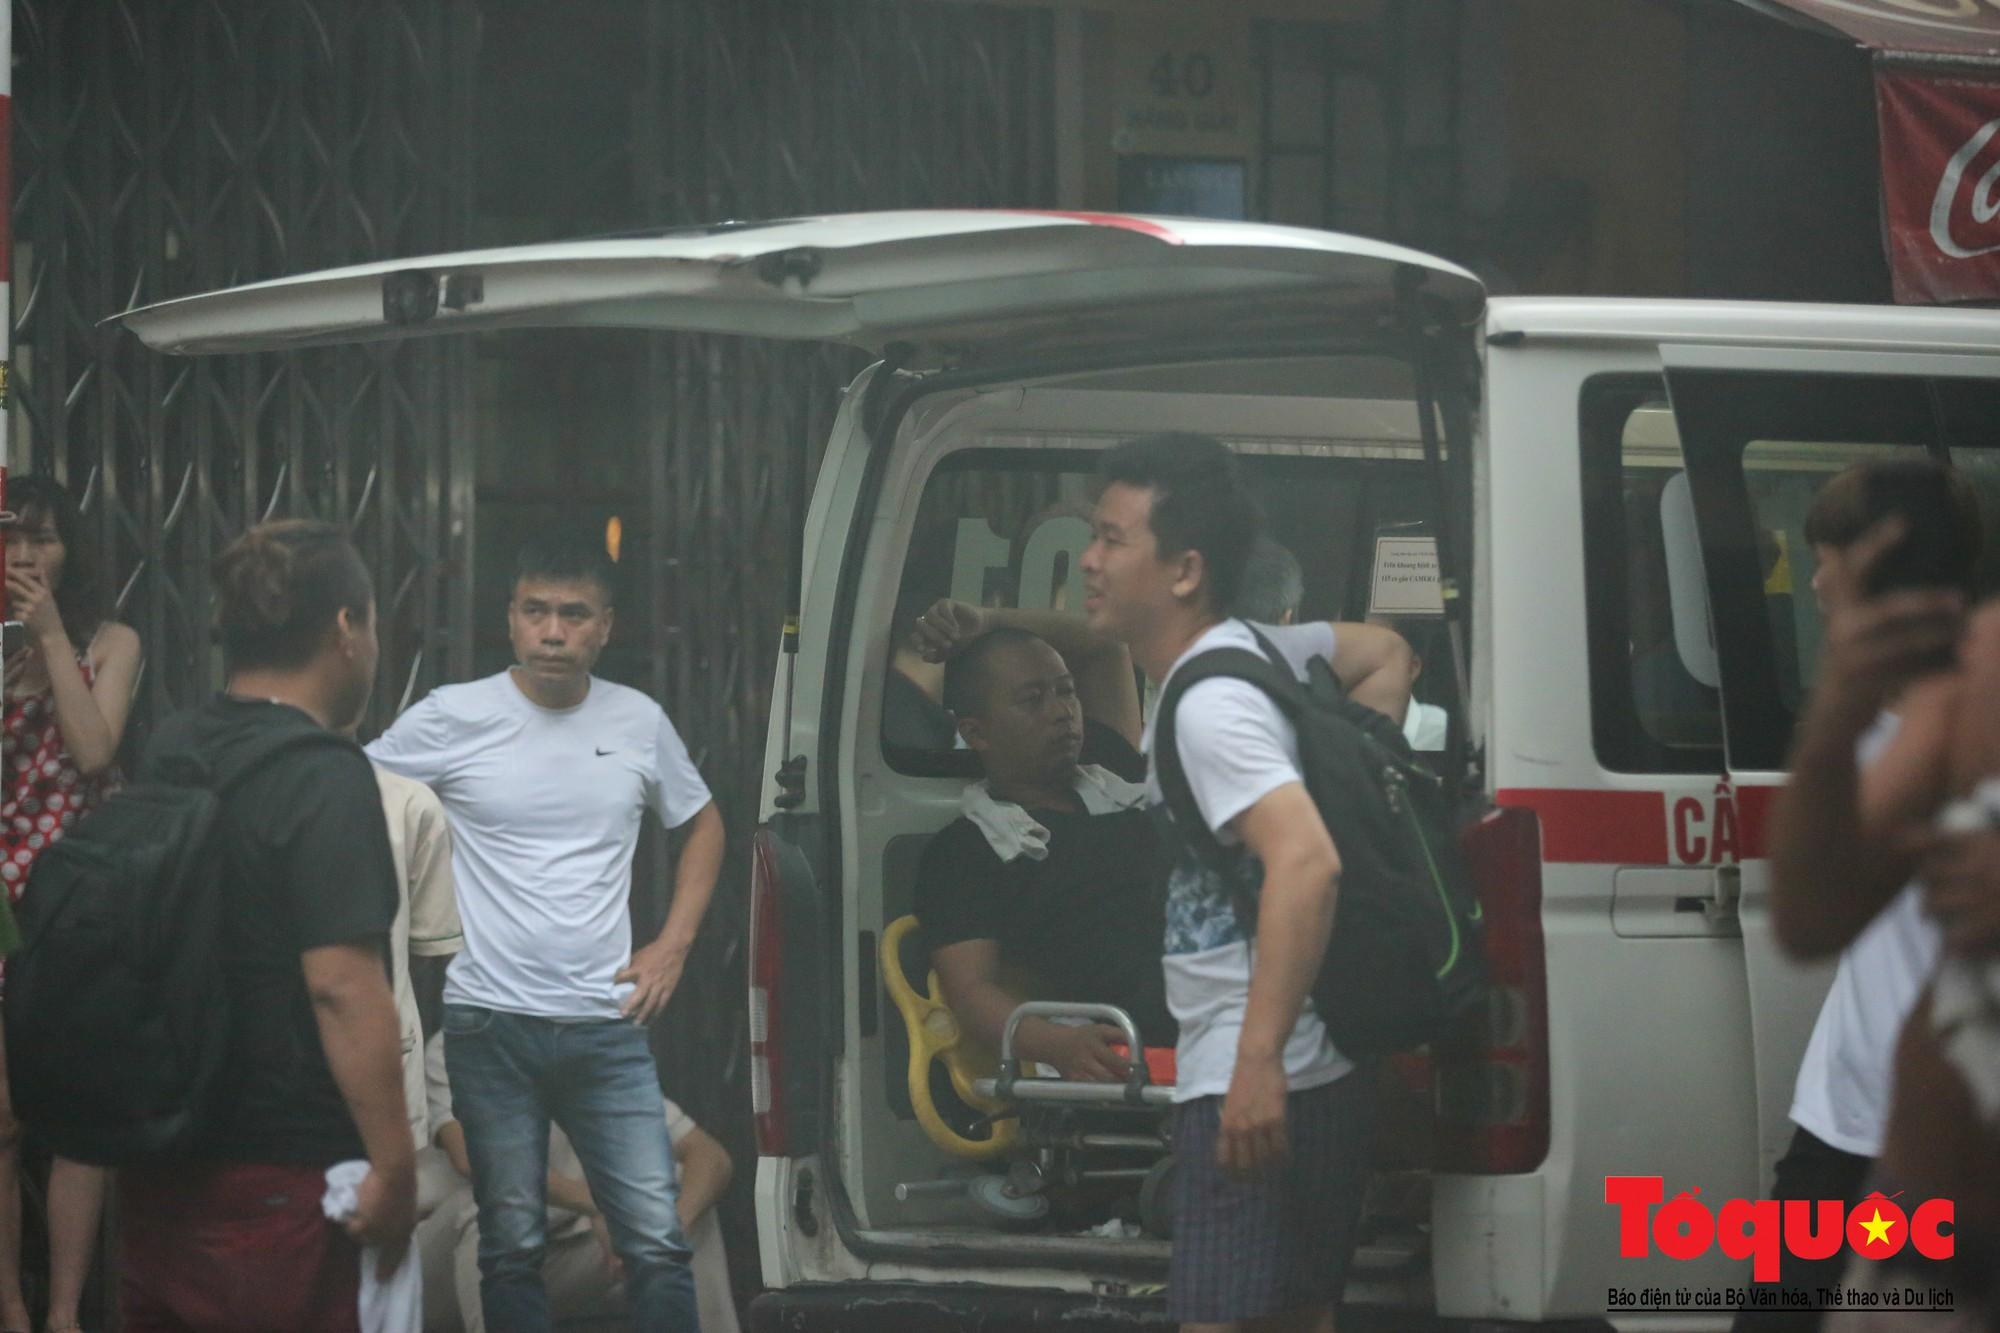 Hà Nội: Cháy khách sạn trên phố cổ, gần 30 người được đưa ra khỏi đám cháy - Ảnh 6.